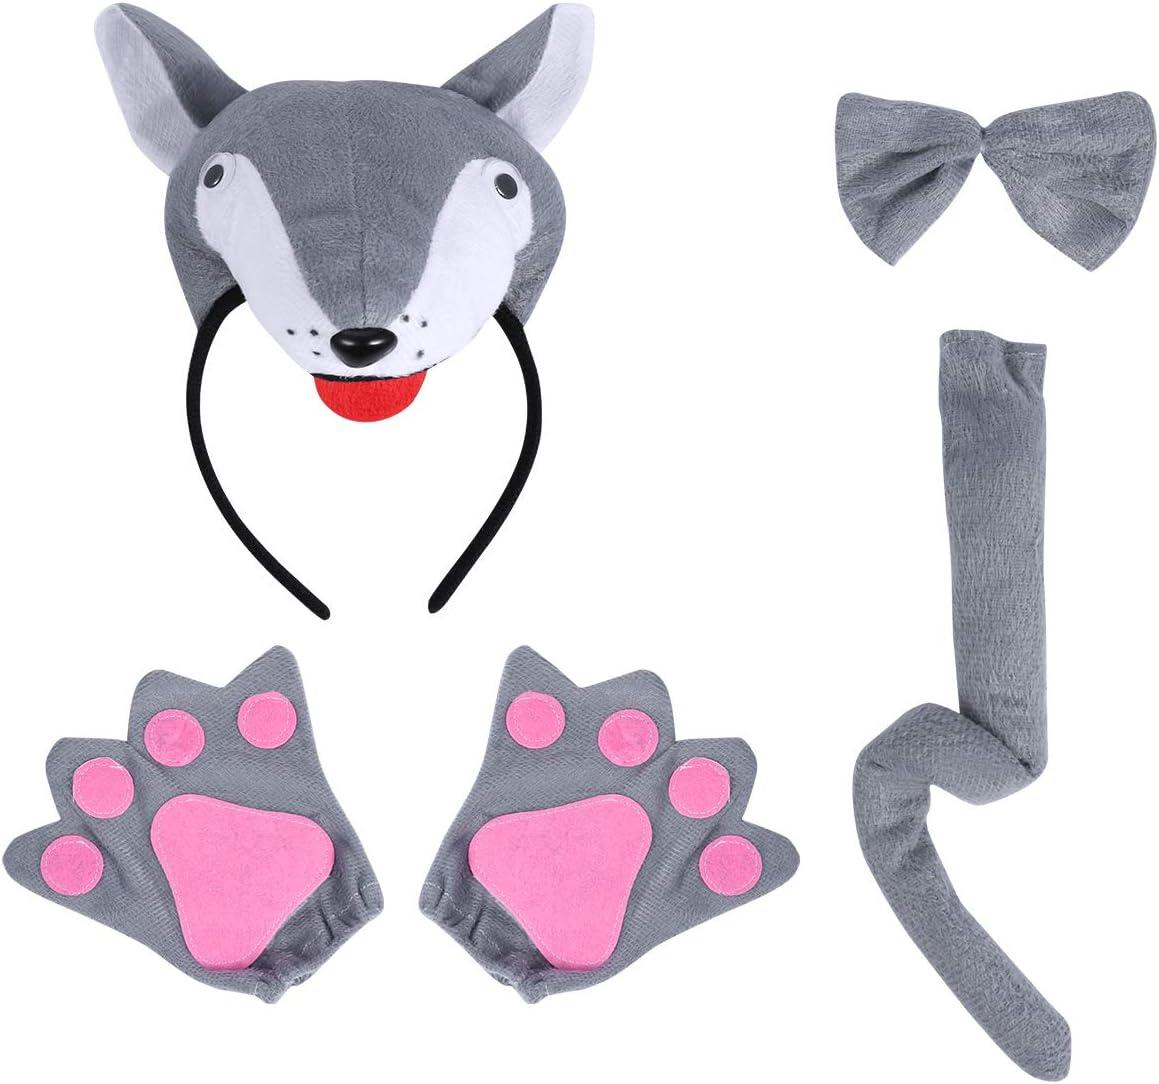 PRETYZOOM 4pcs Disfraz de Labo para Niños Conjunto de Diadema con Orejas Animal Guantes Cola y Pajarita Traje de Costume para Fiesta Carnaval